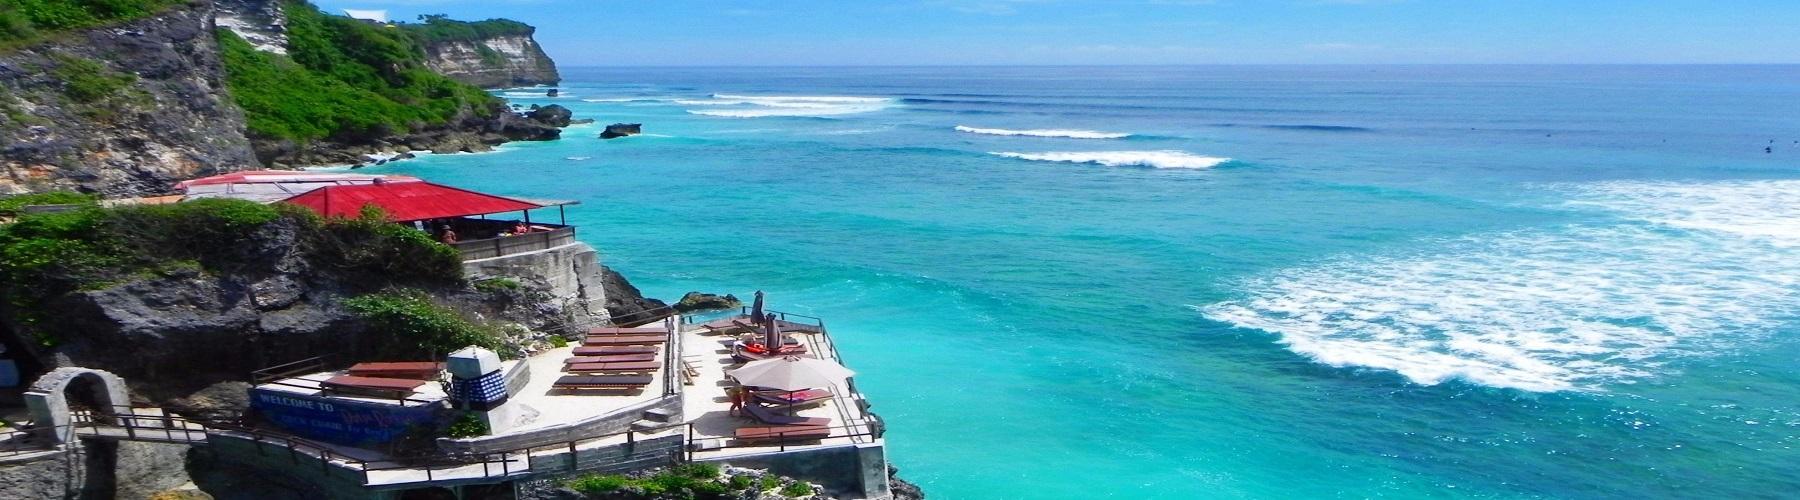 Индонезия это рай для самостоятельных путешествий